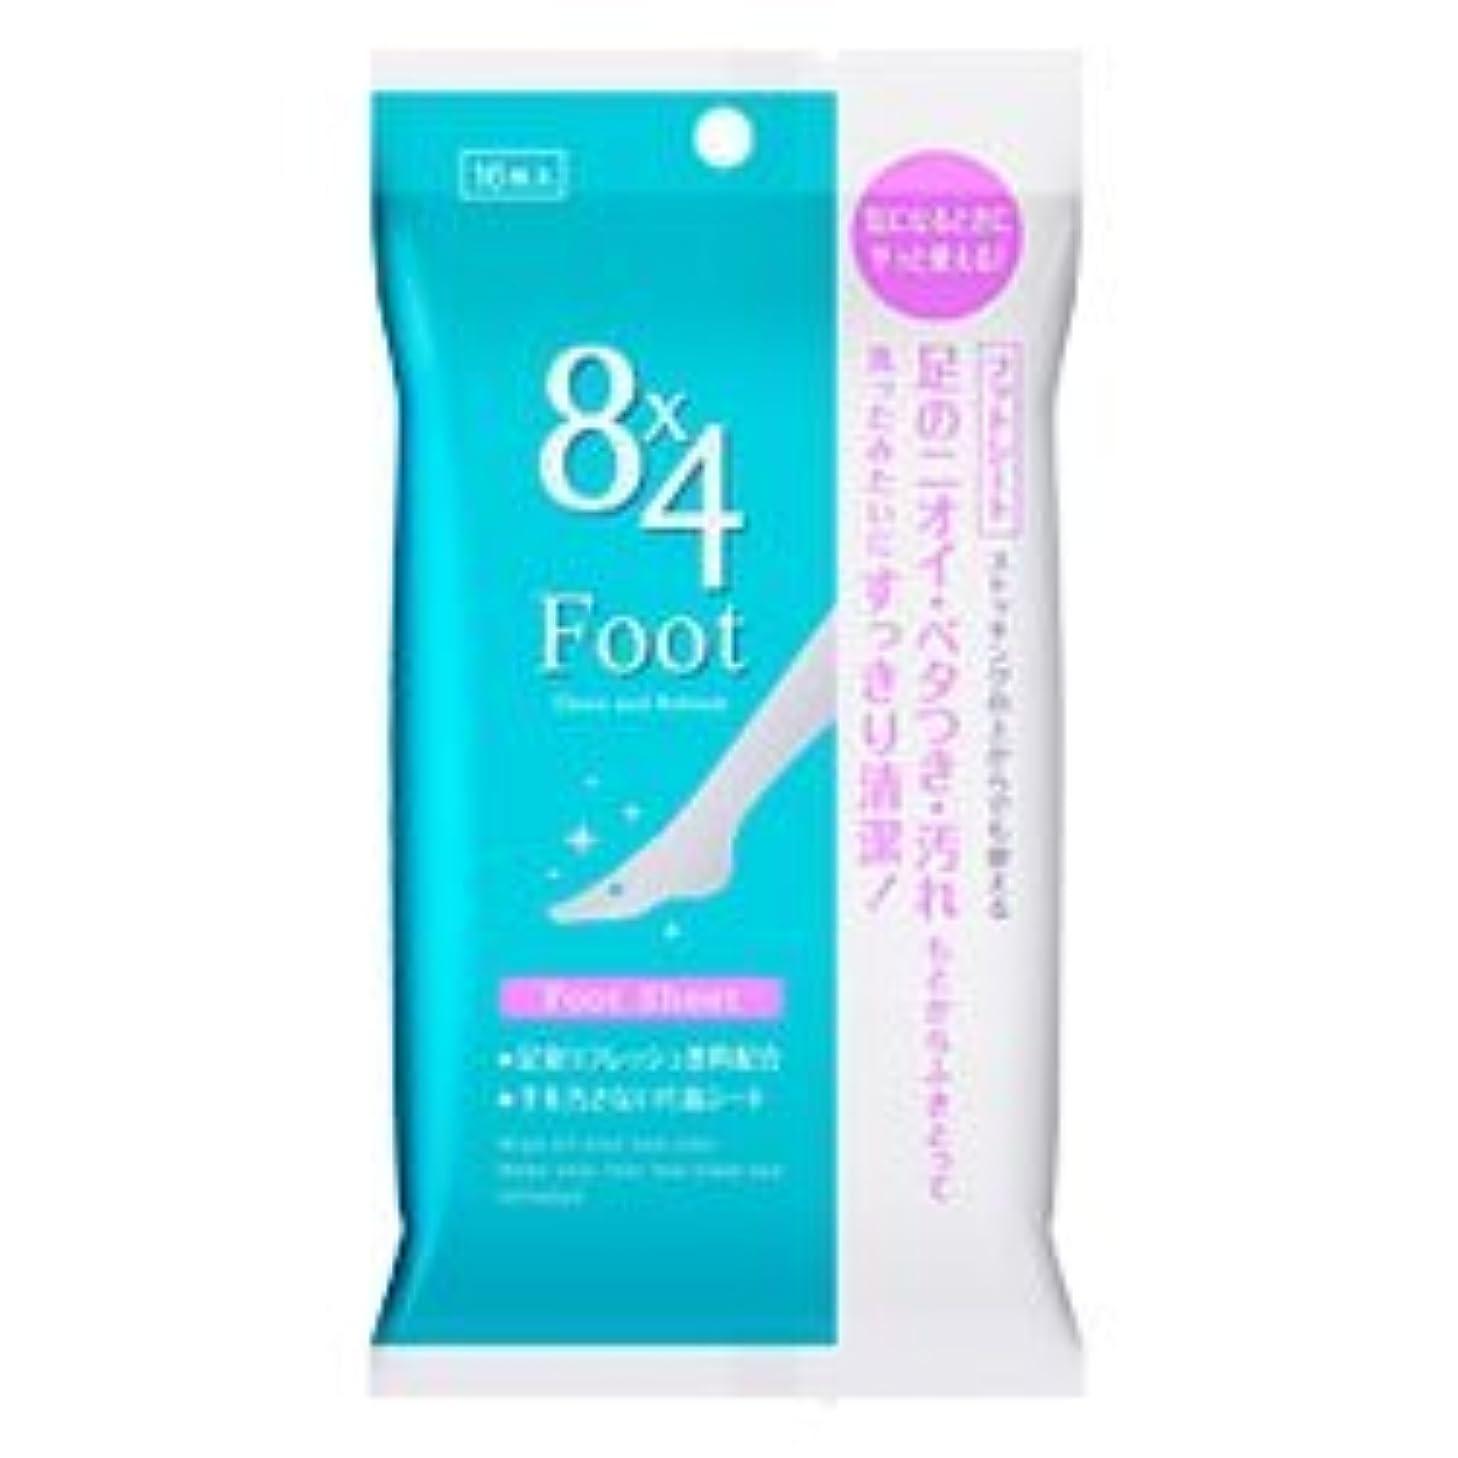 【花王】8×4フットシート 16枚 ×5個セット